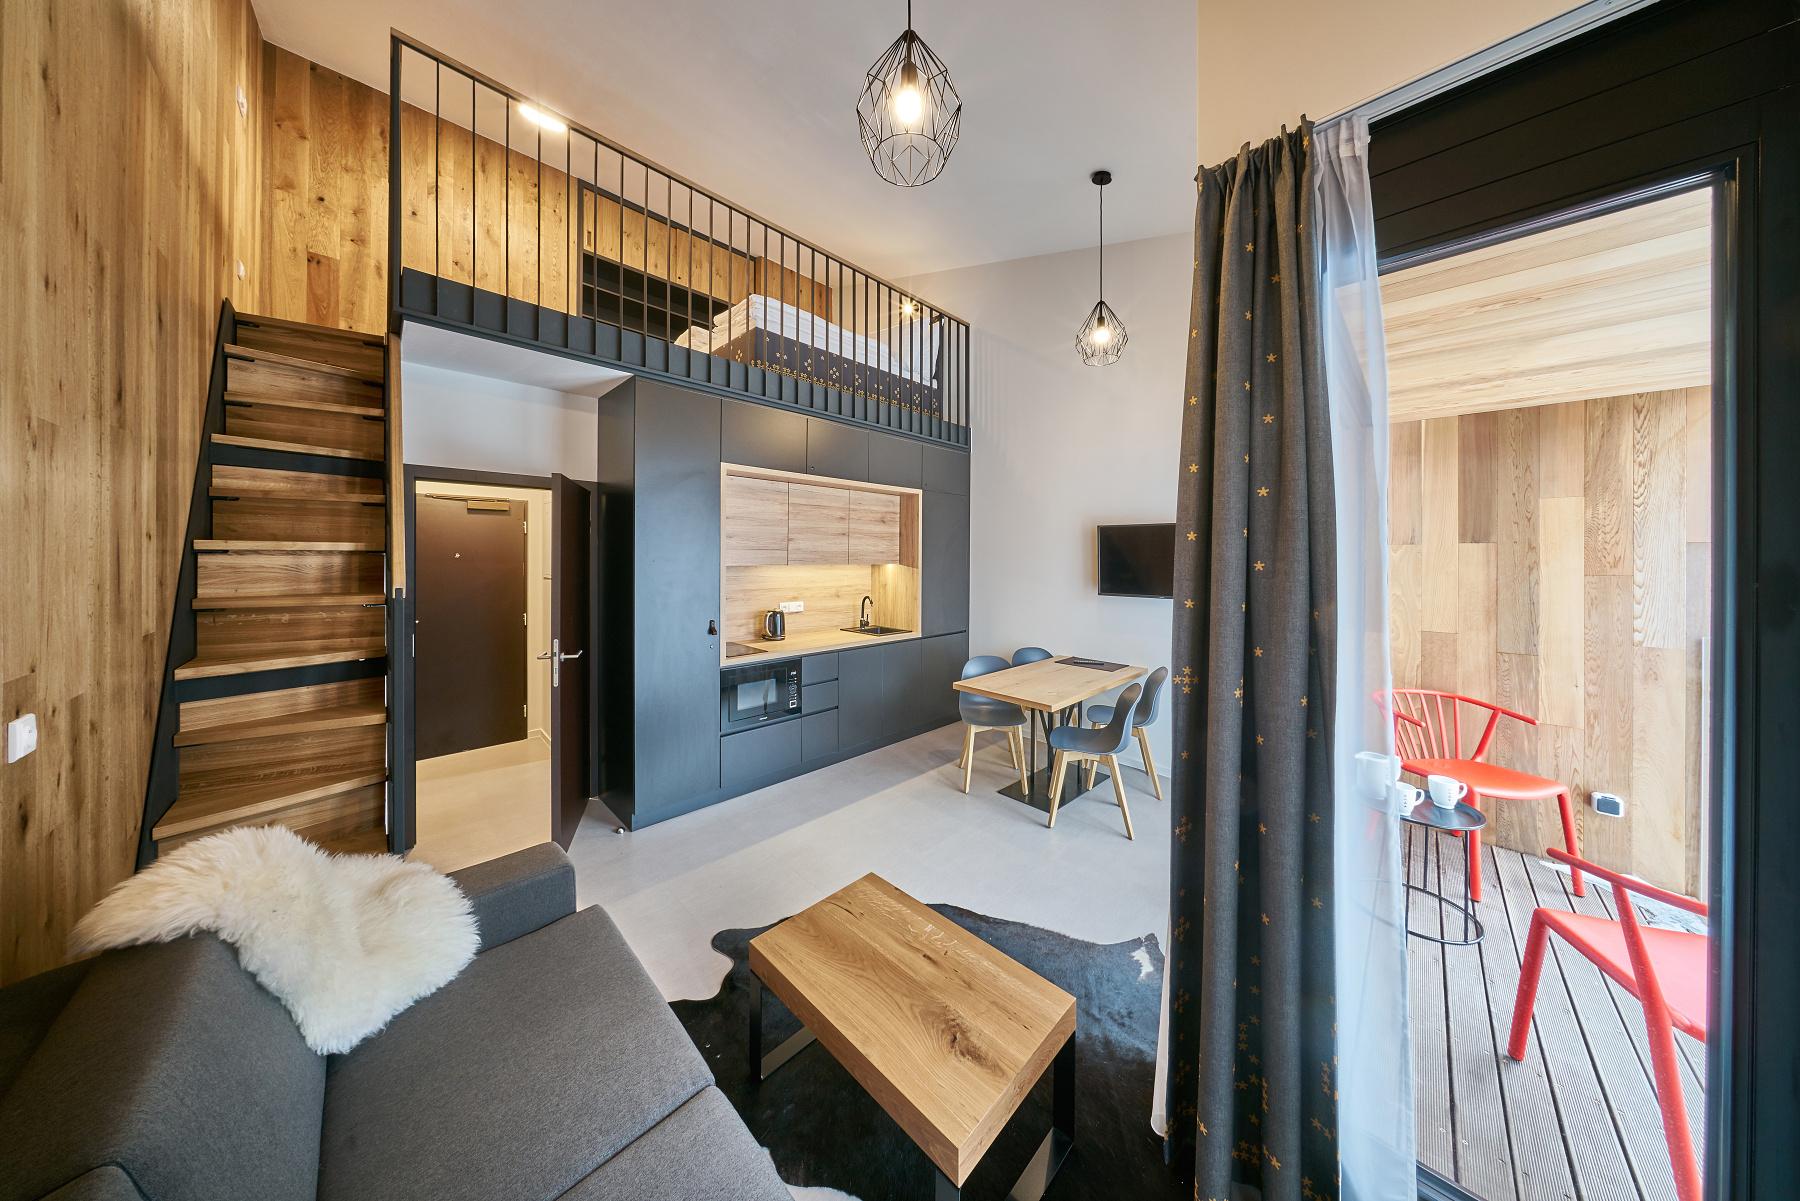 Aparthotel Svatý Vavřinec - Glamour styl